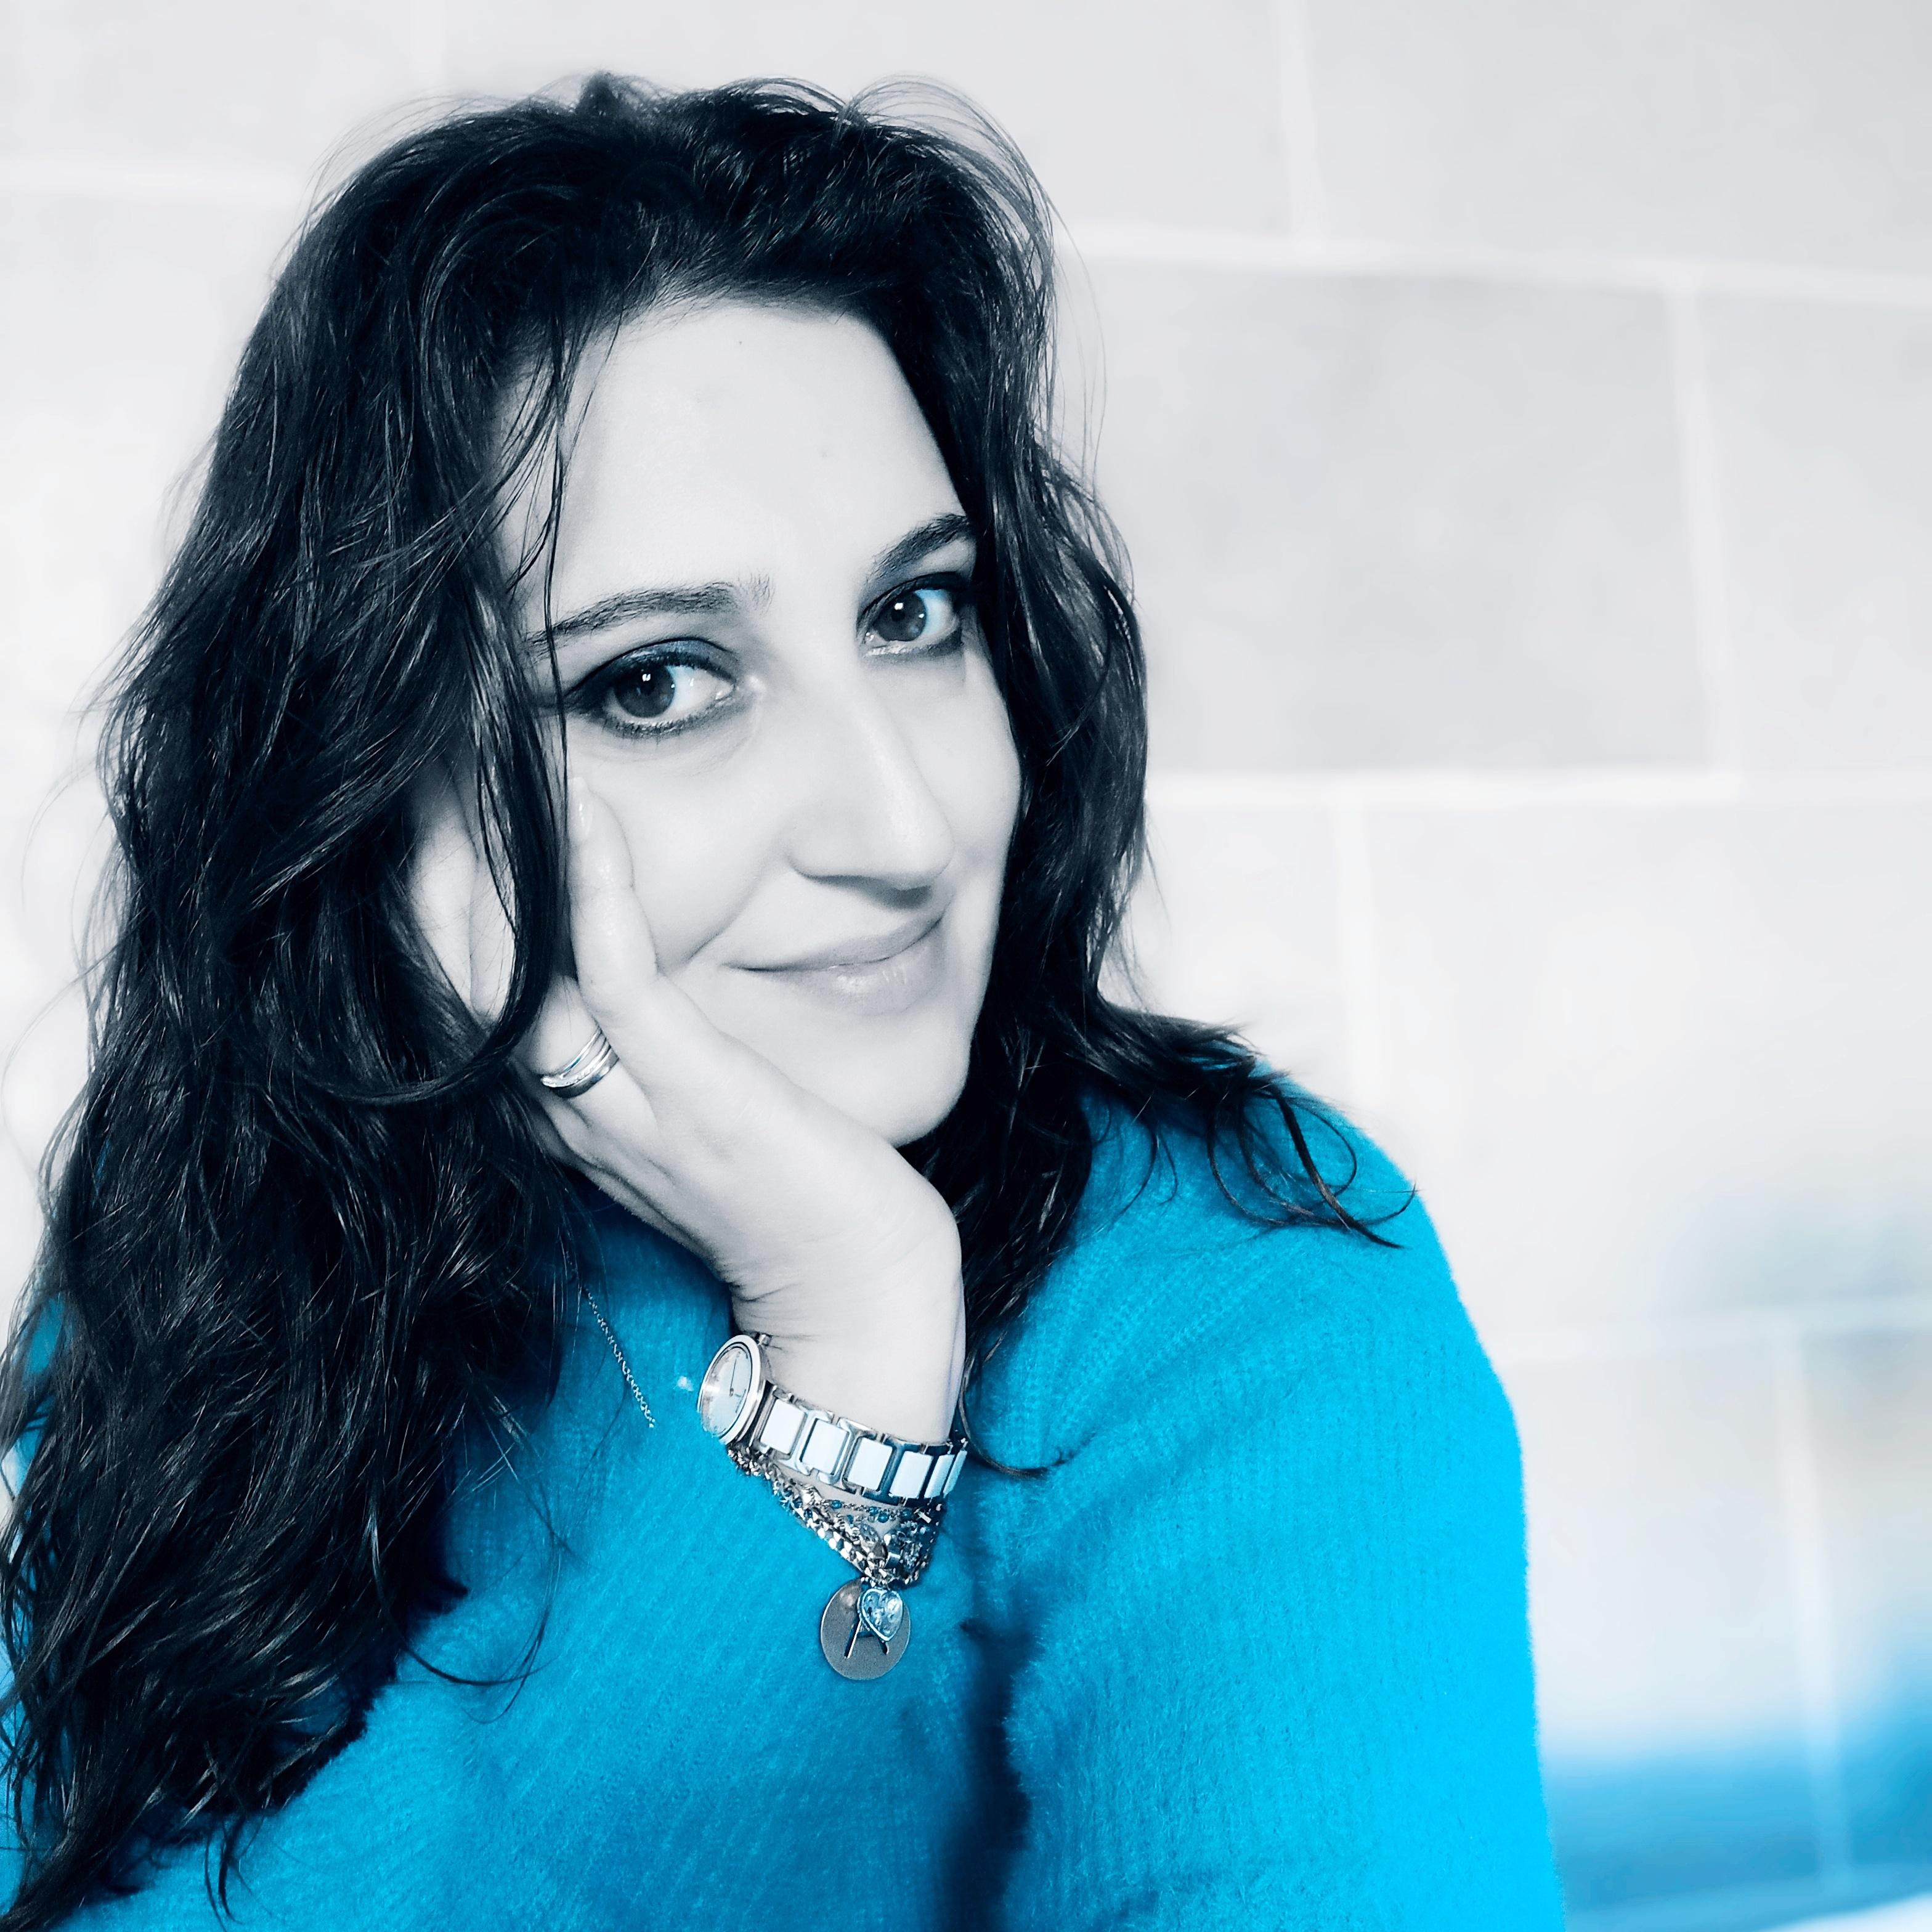 Alessandra Vannicola